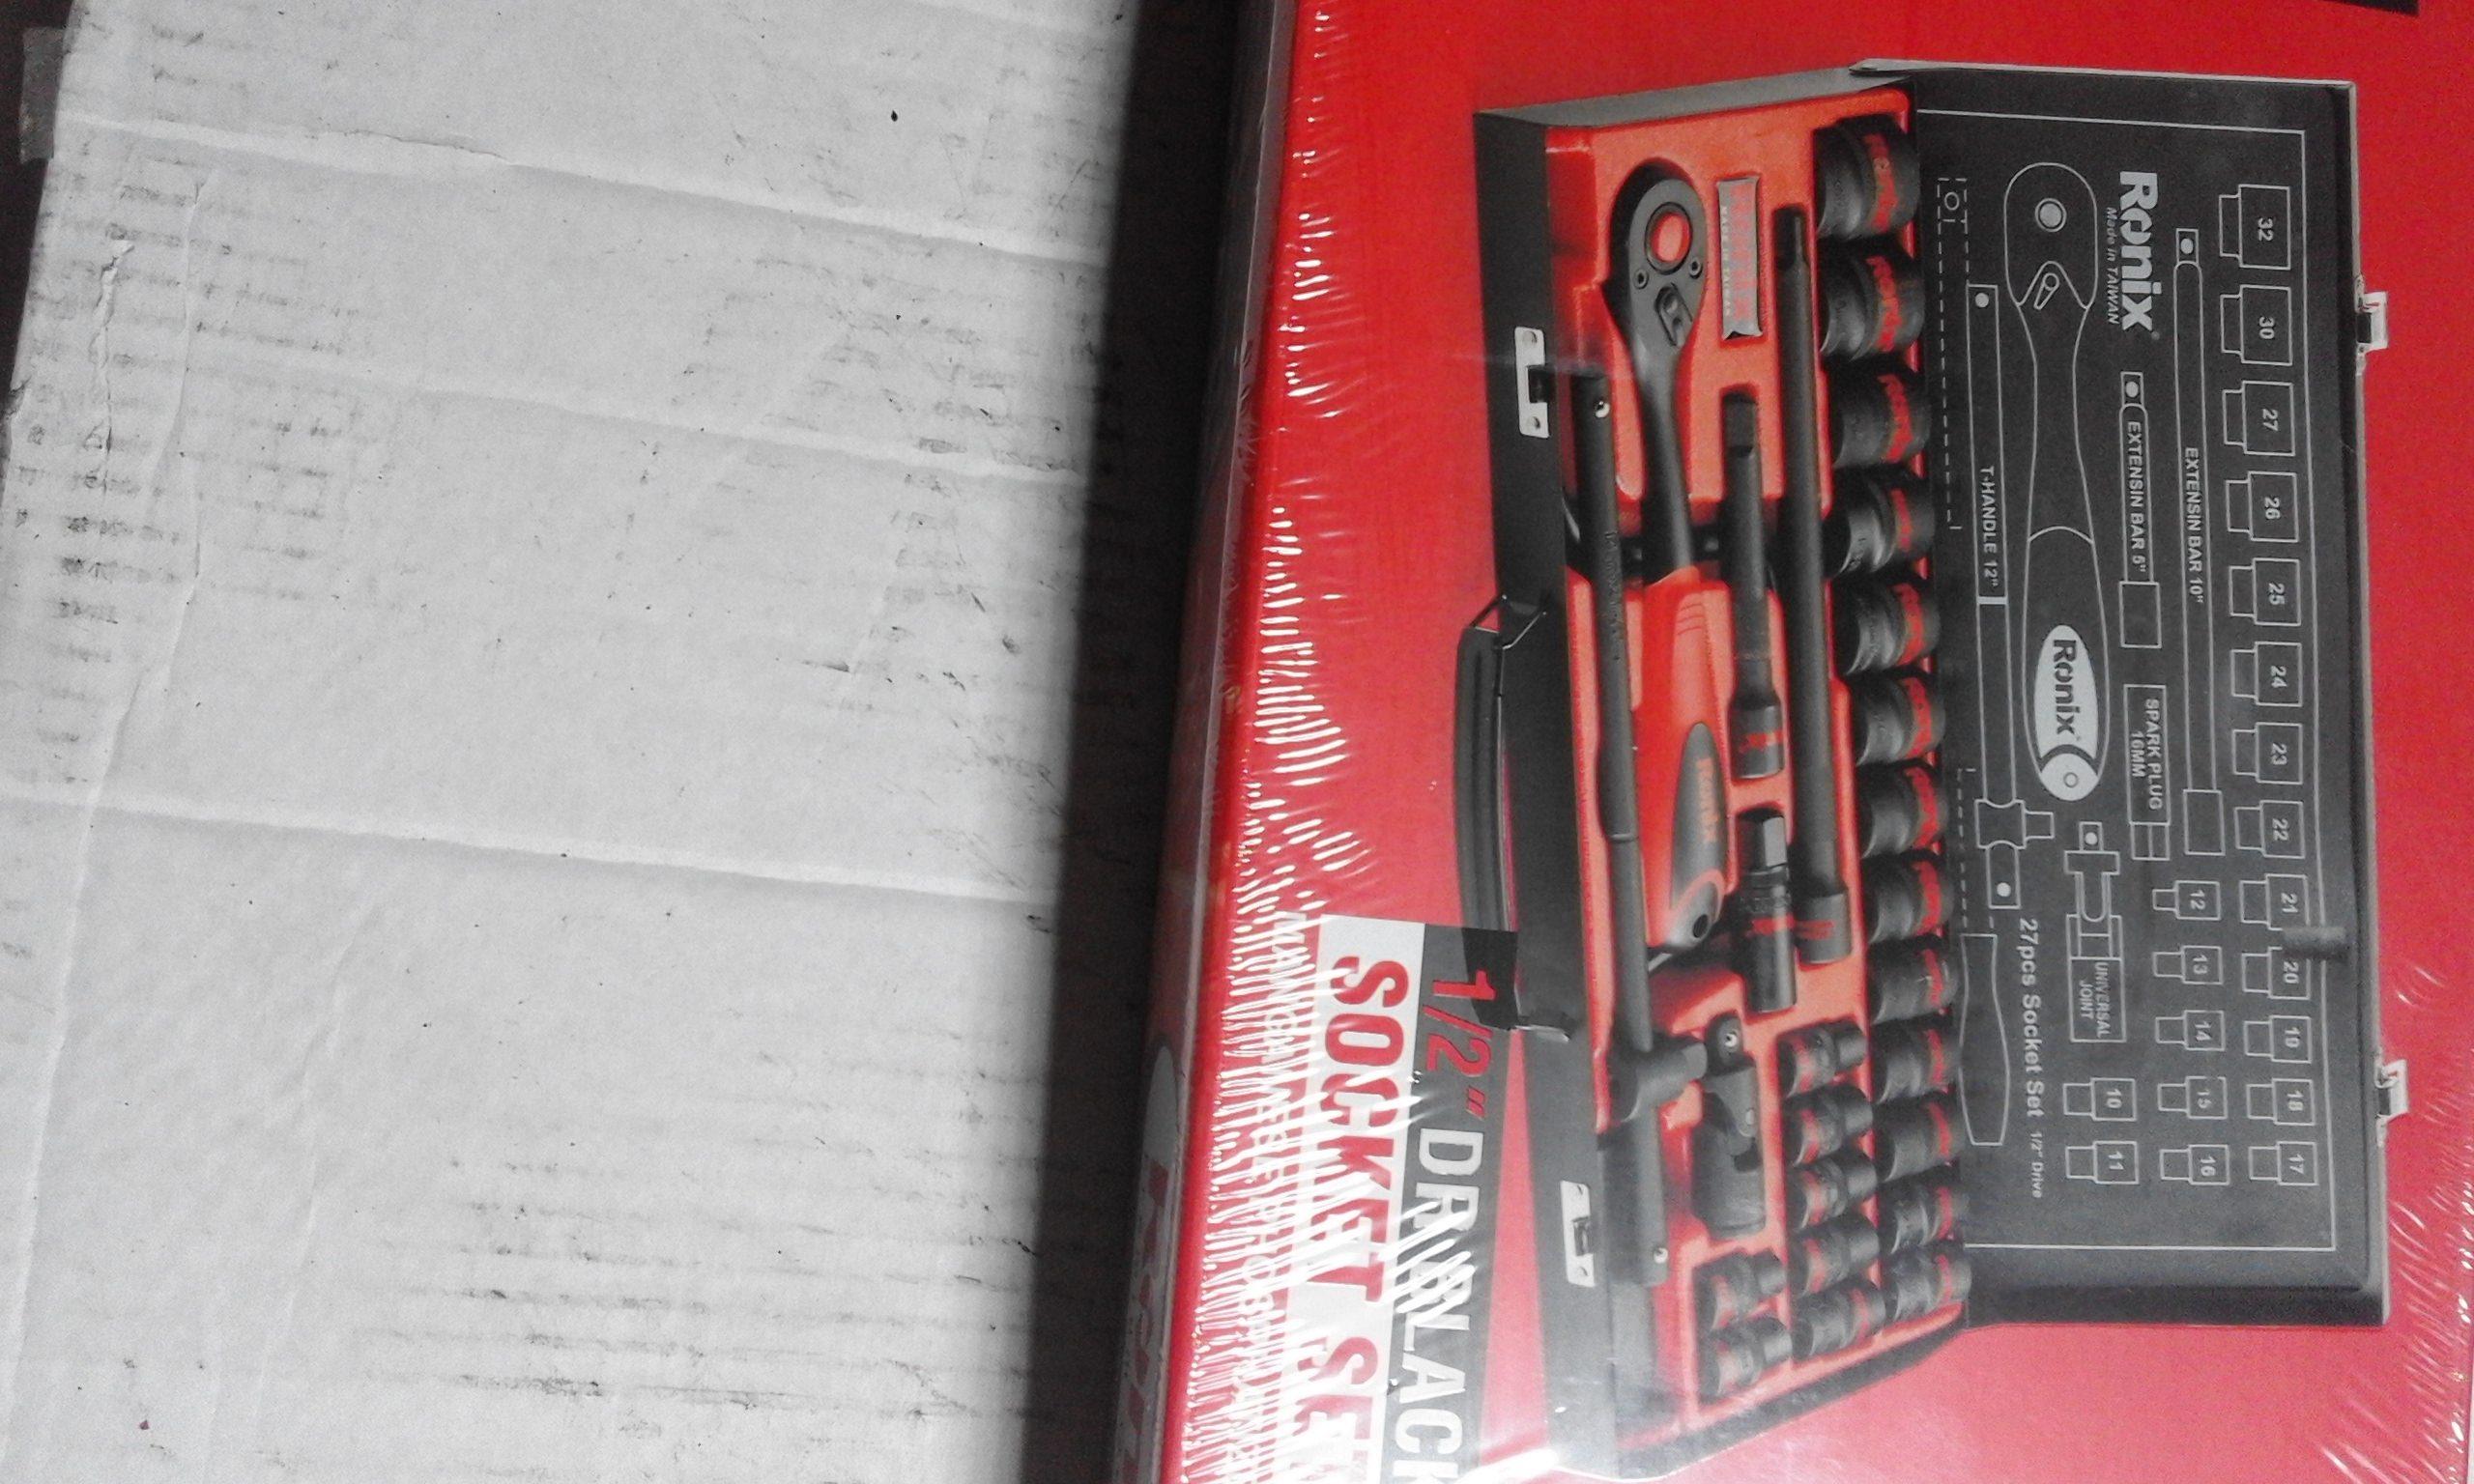 جعبه بکس رونیکس سیاه تعمیرگاهی صنعتی